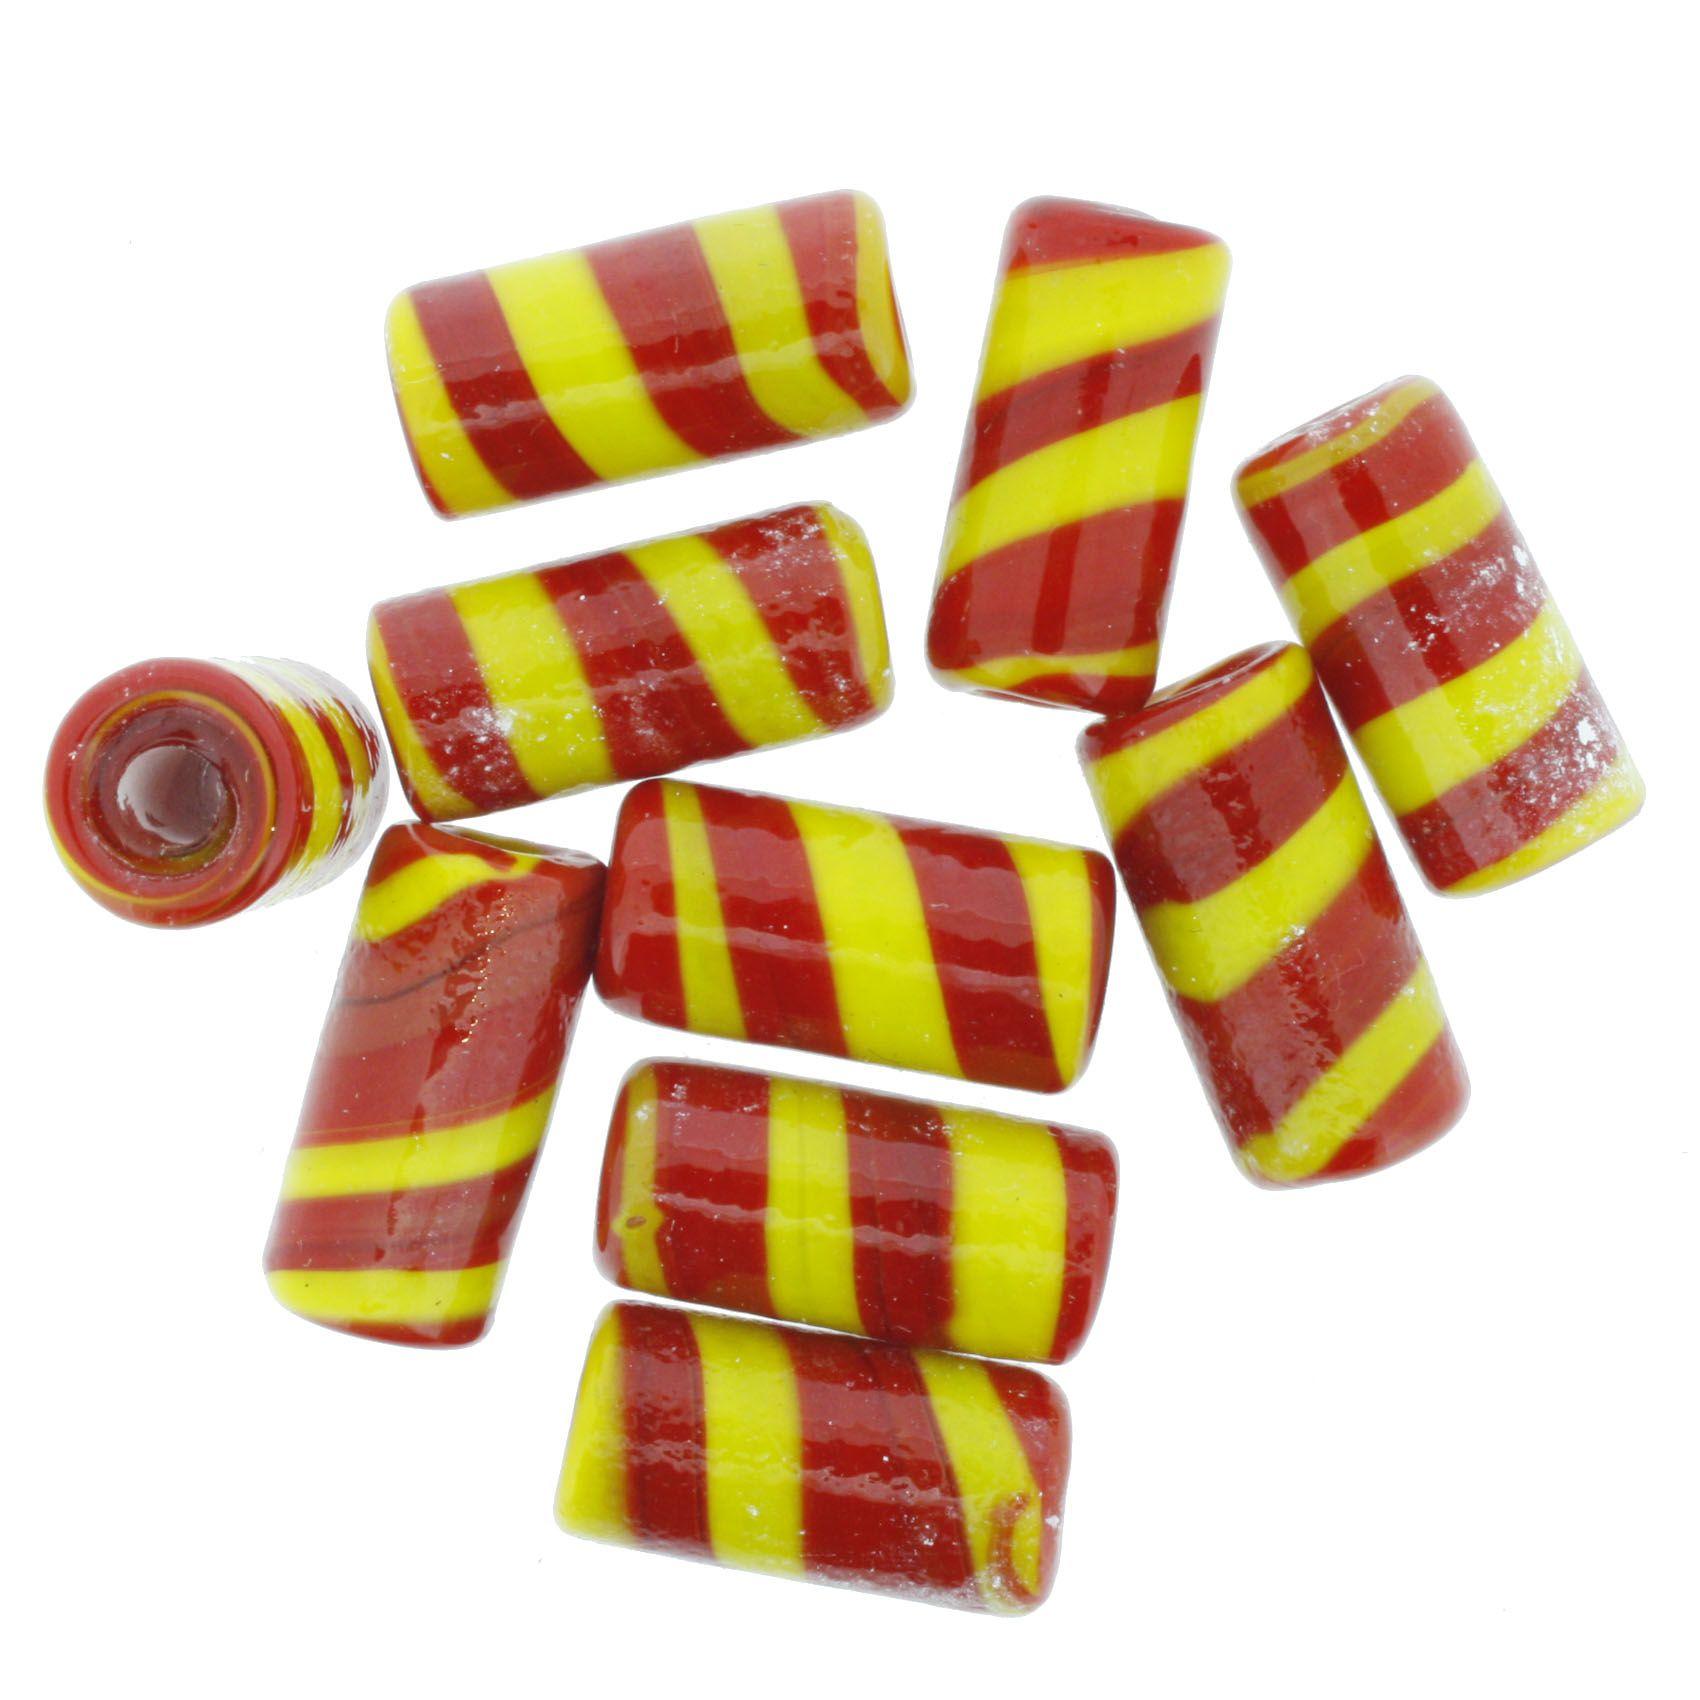 Firma Rajada - Vermelha e Amarela  - Stéphanie Bijoux® - Peças para Bijuterias e Artesanato